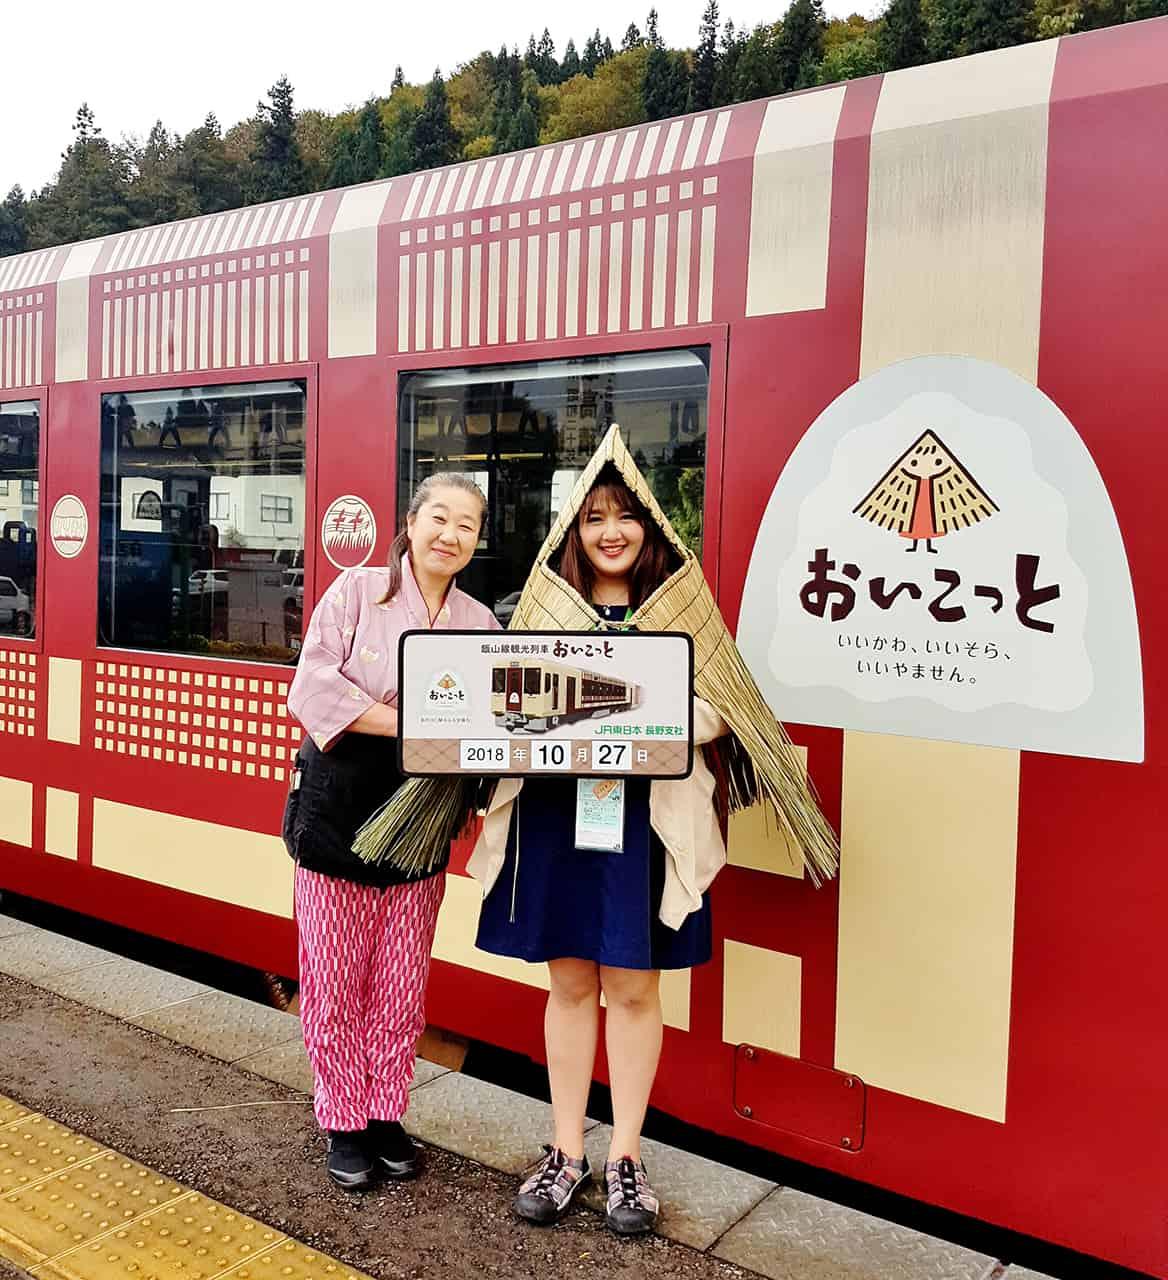 จุดจอดพักรถของ Oykot Train : ที่สถานีโมริมิยะโนะฮาระมีชุดฟางกันฝนให้สามารถใส่ถ่ายรูปได้